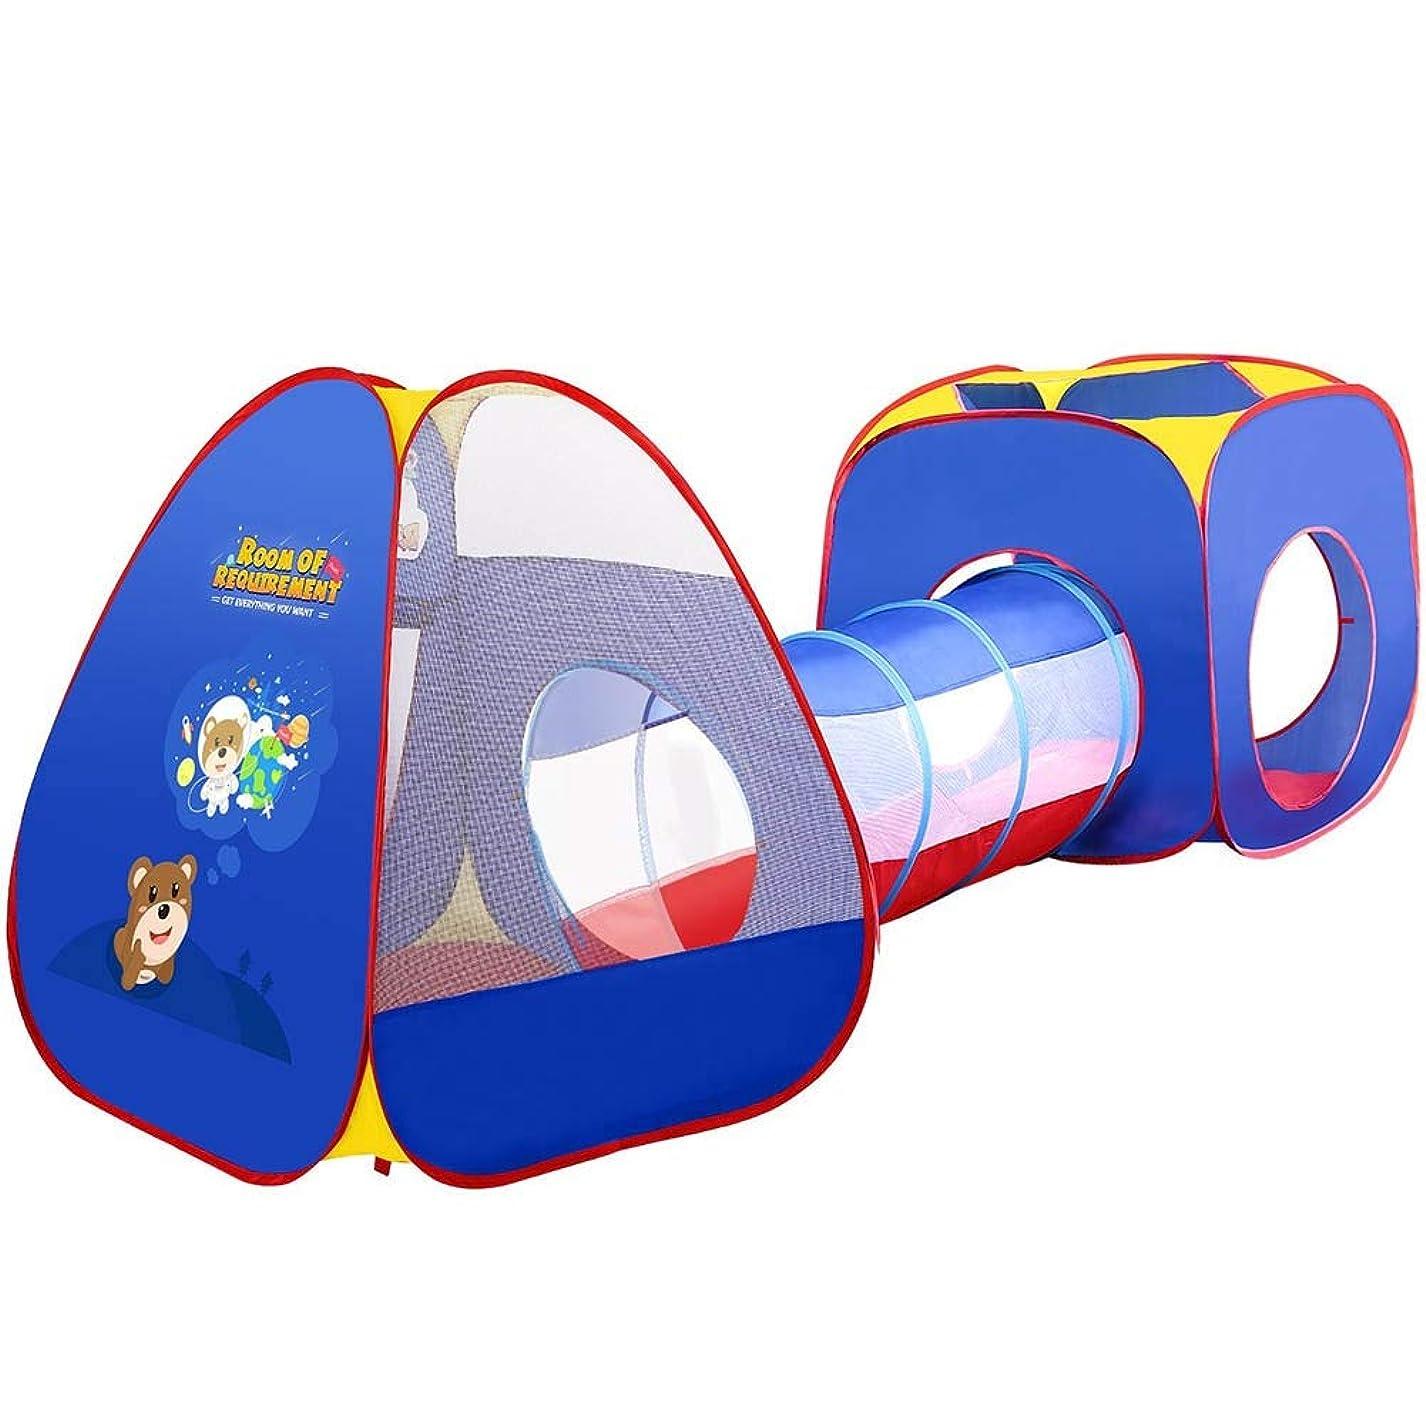 感情の晩ごはんマークされたHLMIN 子供用テントキッズテントトンネル3の1、子供、男の子、女の子、屋内/屋外/庭のためのテント幼児のクロールトンネルプレイハウスボールピットテントをポップアップします。 ( Color : Blue )